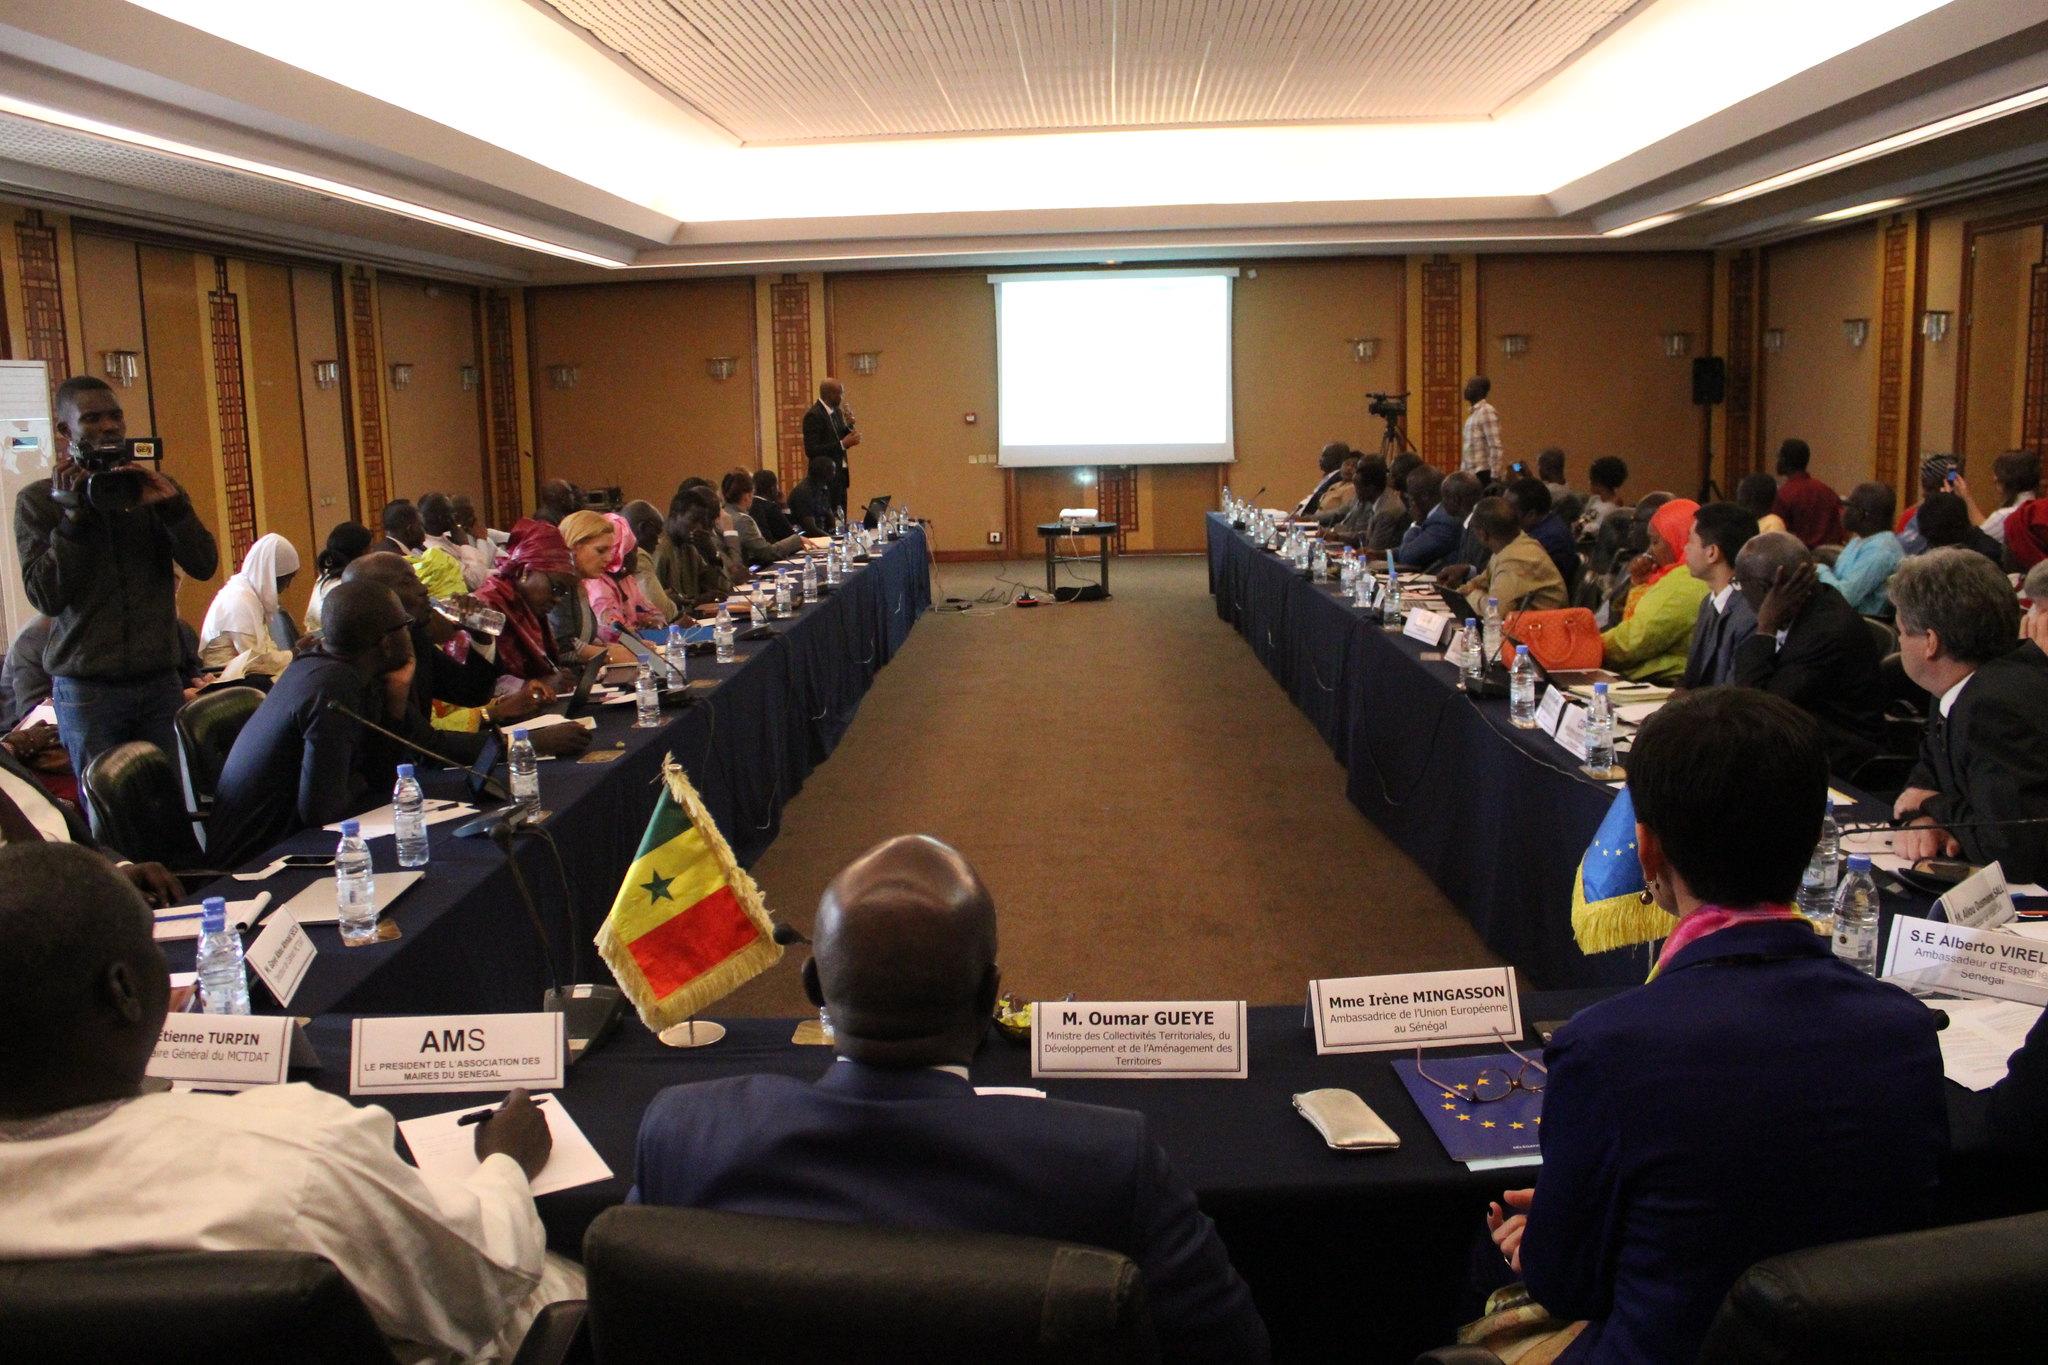 Programme Direction Etat Civil, Modernisation de l'Etat Civil au Sénégal, Aliou Ousmane Sall Directeur de l'Etat Civil Sénégal (11)